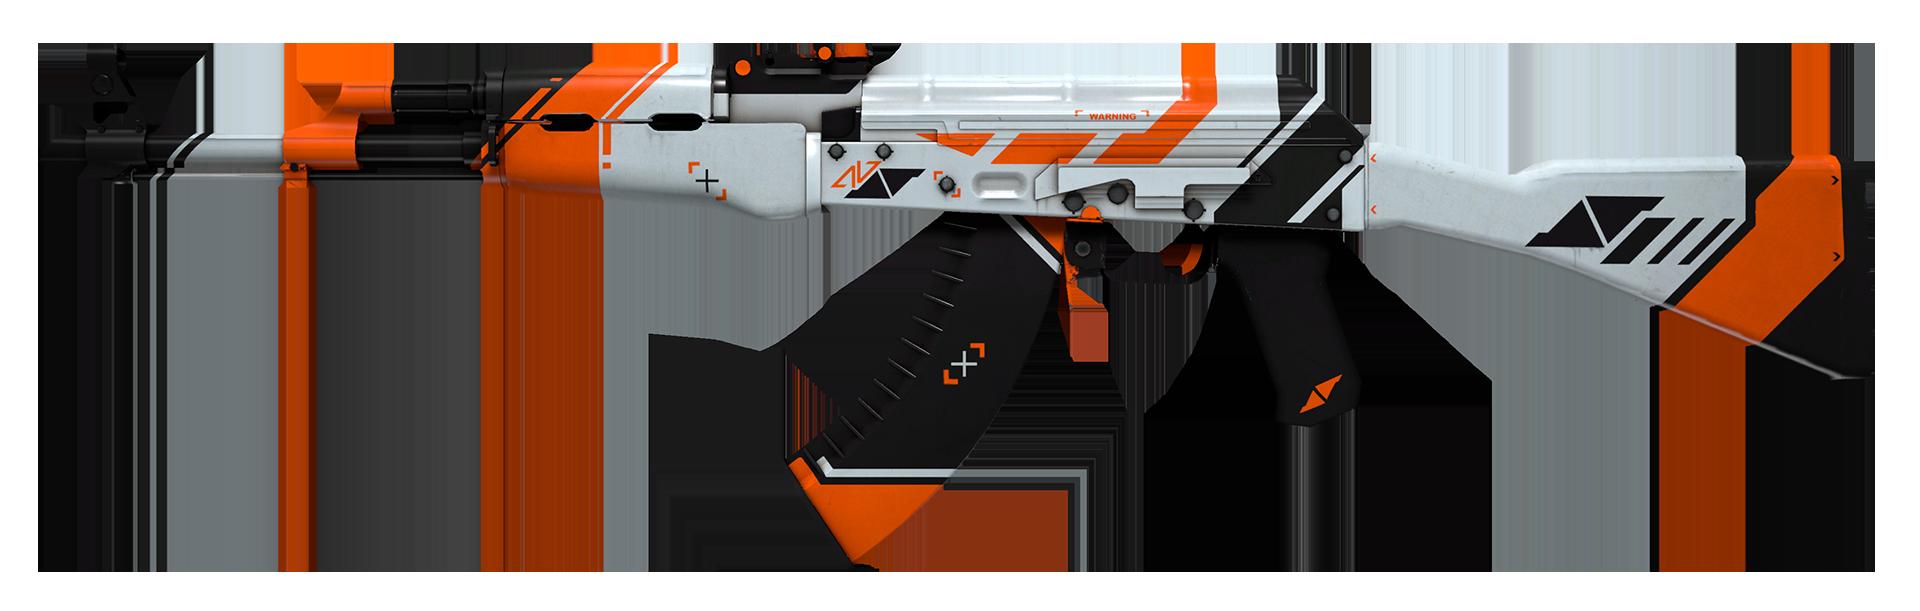 AK-47 Asiimov Large Rendering